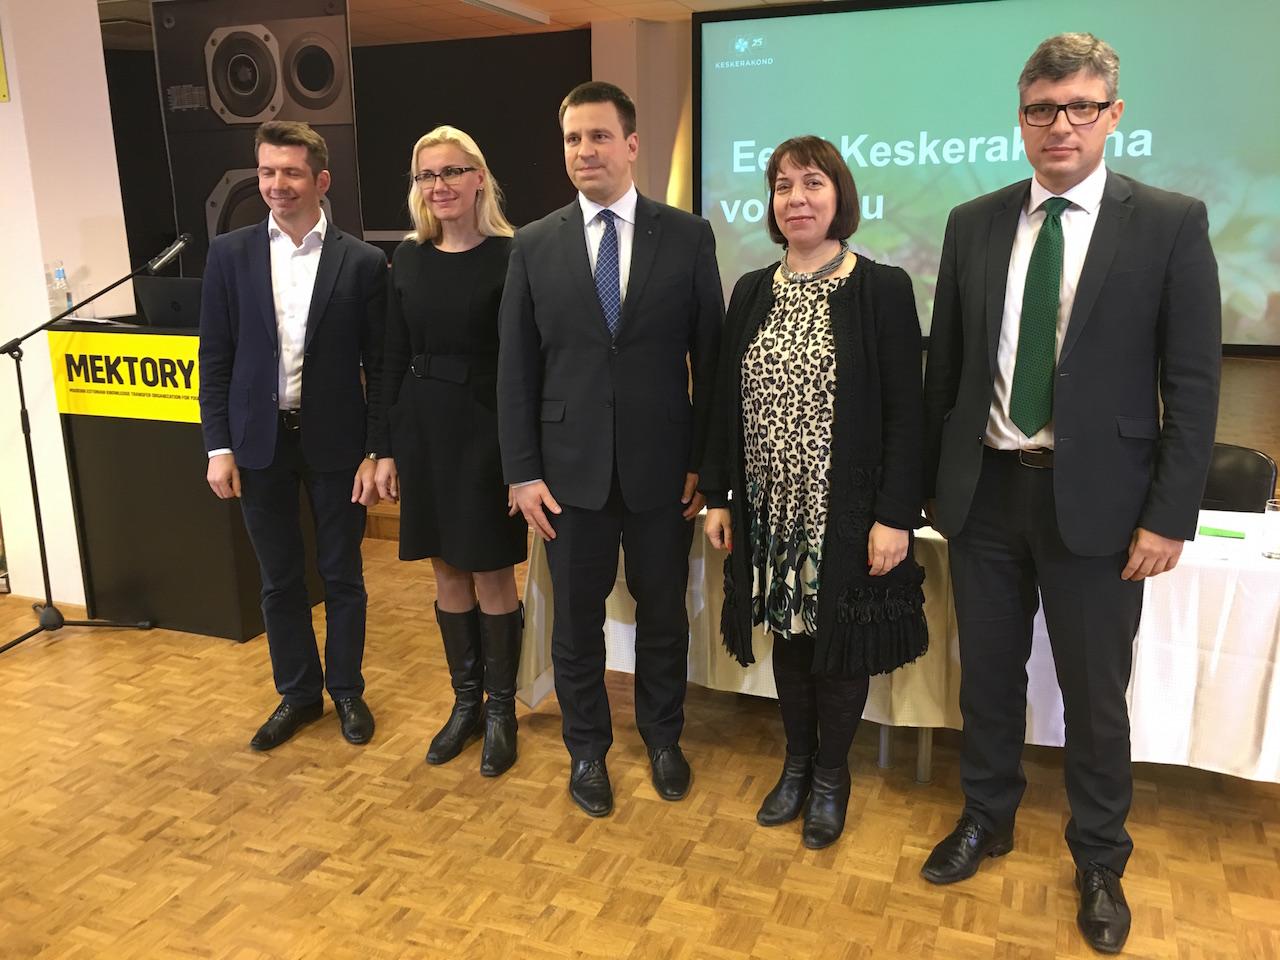 Tallinnas kogunevad täna Keskerakonna, Sotsiaaldemokraatliku Erakonna (SDE) ning Isamaa ja Res Publica Liidu (IRL) volikogud. Uue loodava võimuliidu esindajad on jõudnud kokkuleppele uues koalitsioonileppes ning ära on jaotatud ka ministriportfellid. […]